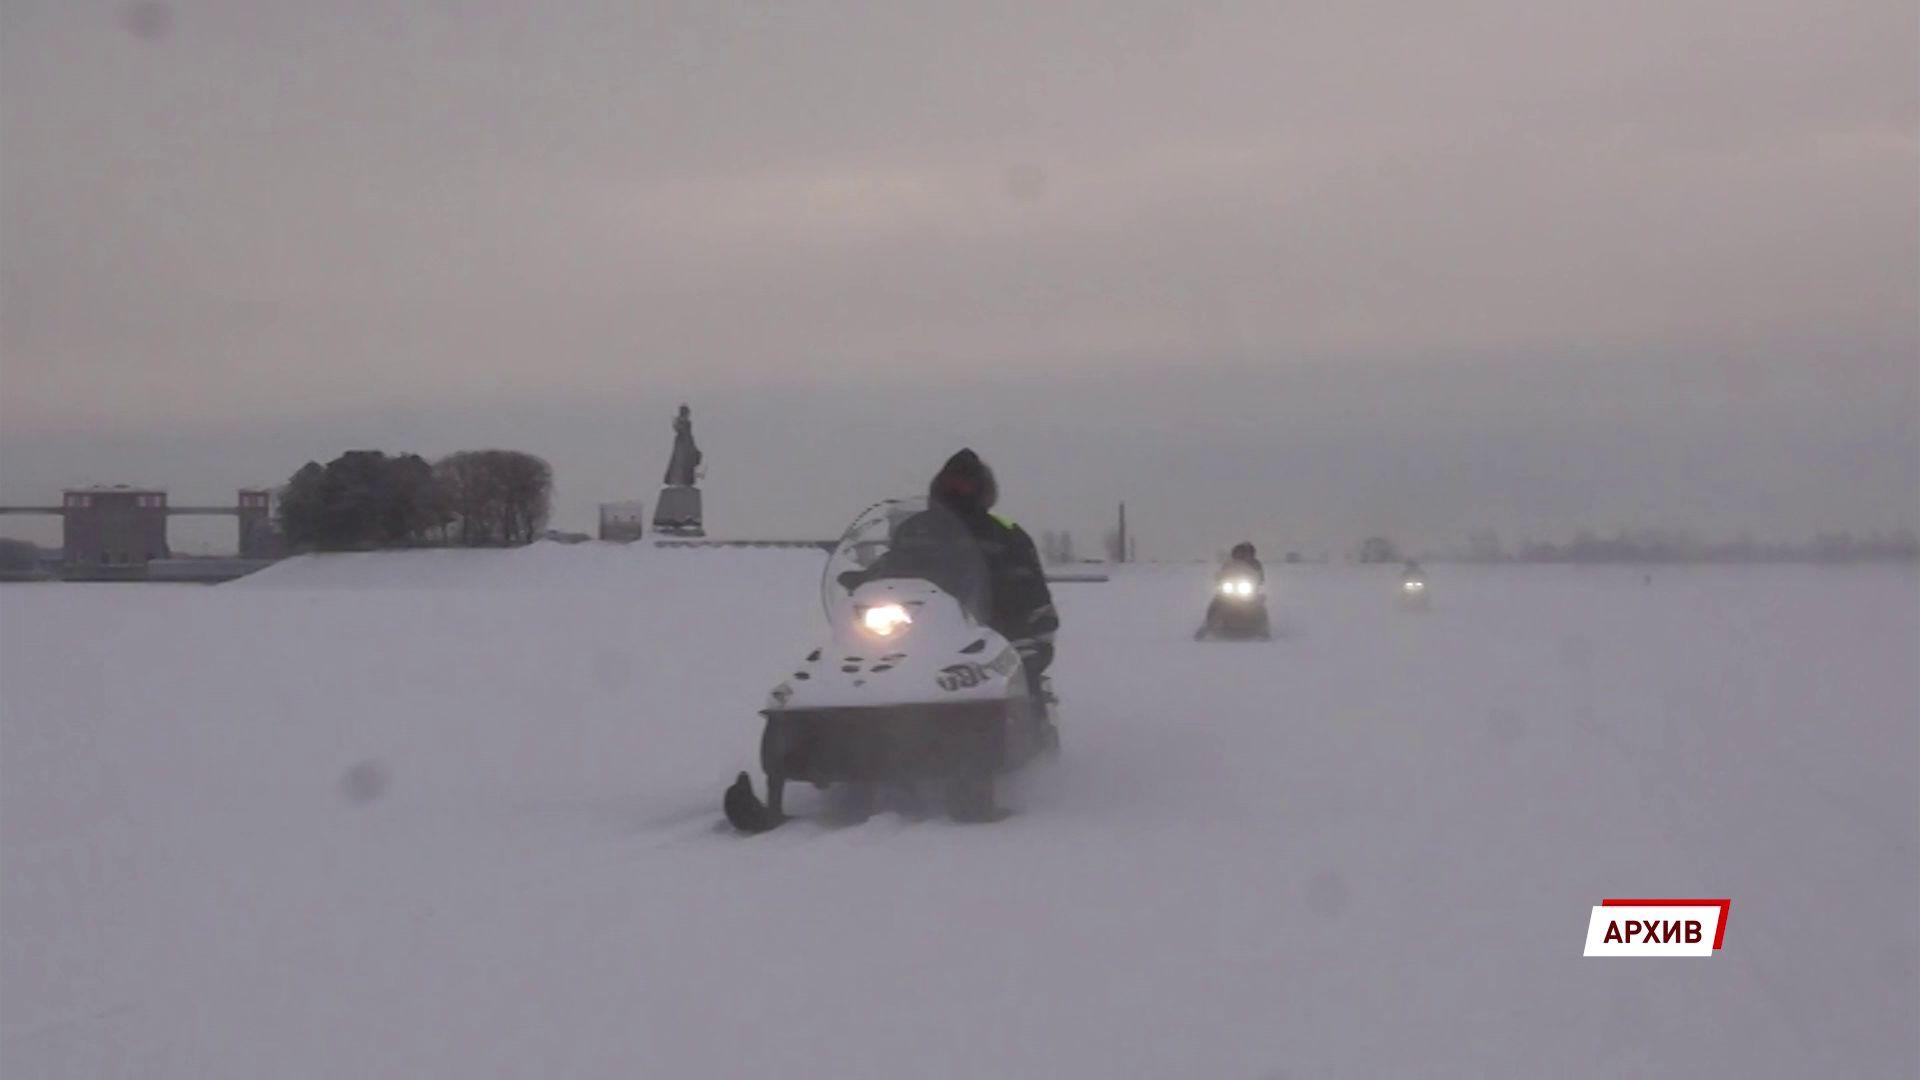 В Ярославской области проверяют хозяев снегоходов